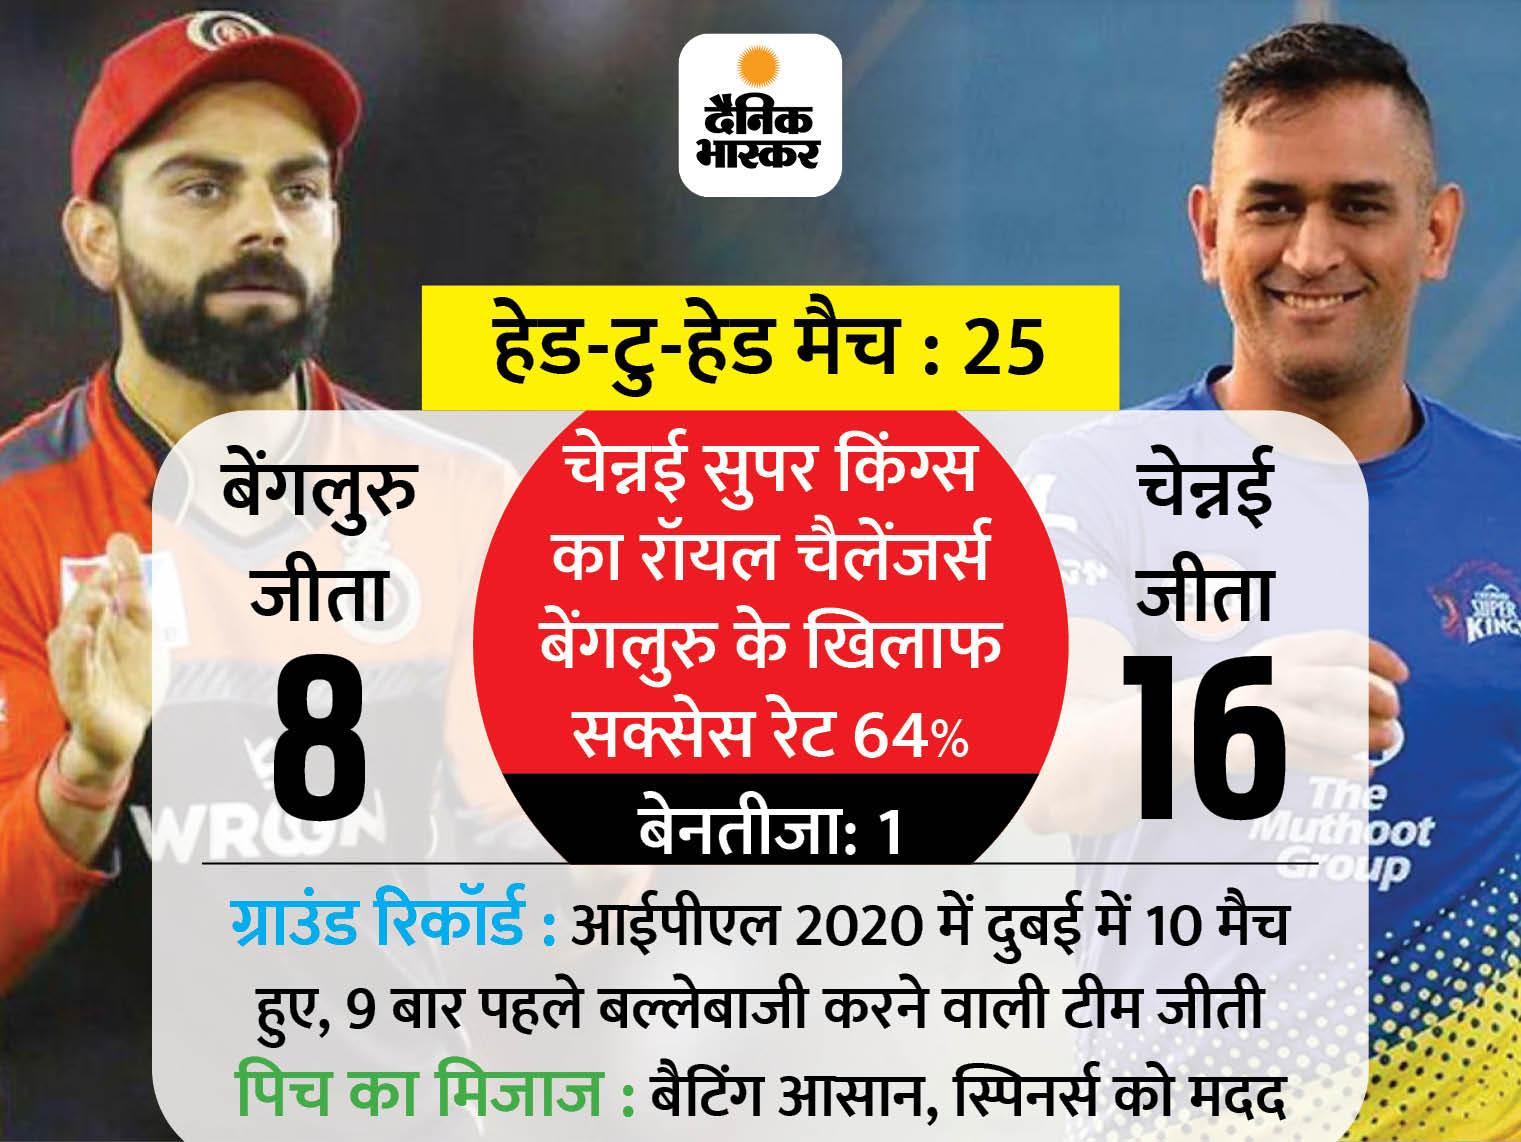 लगातार 4 मैच हारने के बाद किंग्स इलेवन पंजाब का मुकाबला कोलकाता से; शाम को धोनी और कोहली की टीम आमने-सामने